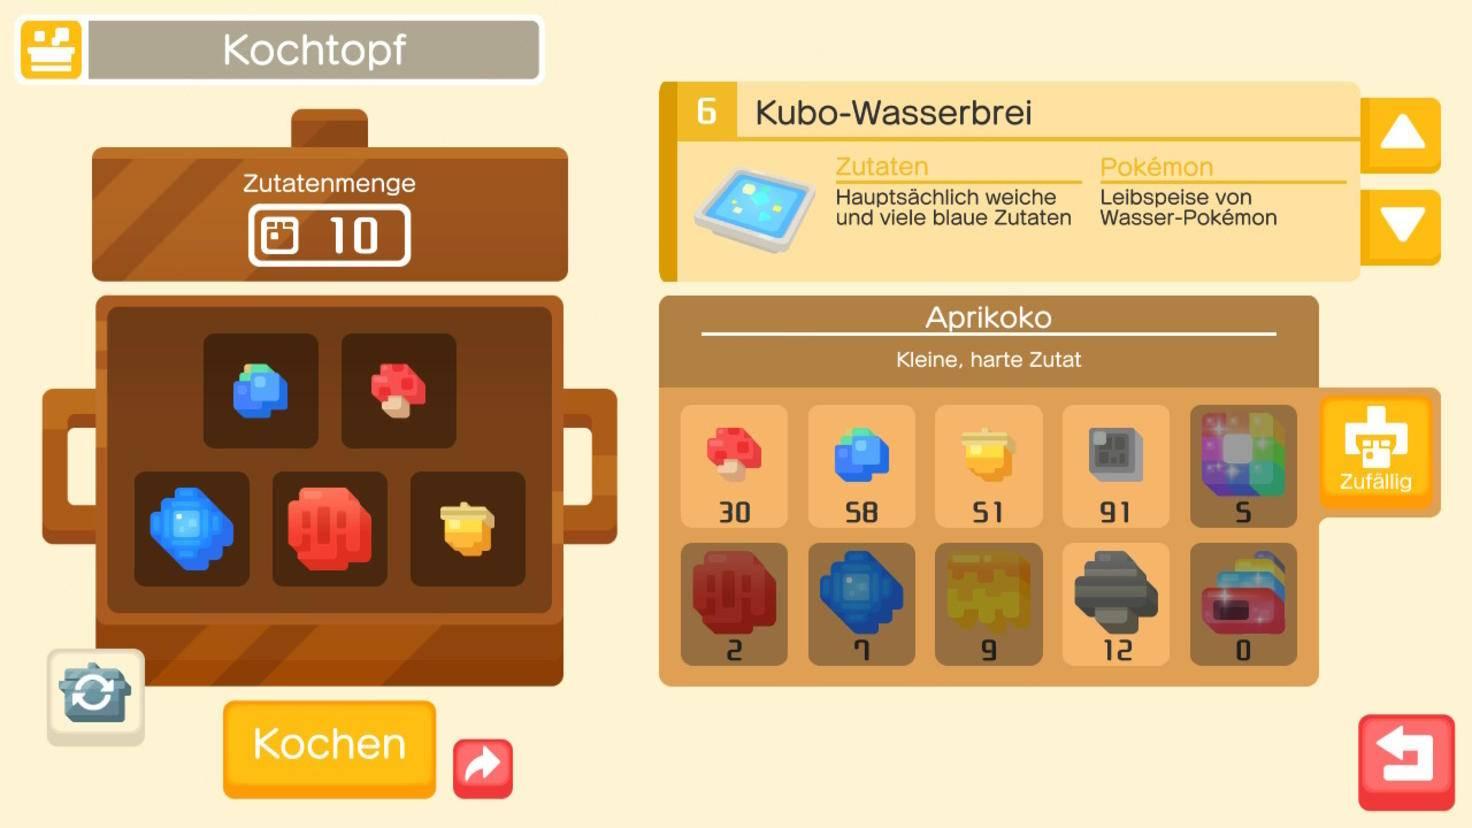 Ein besserer Kochtopf verbraucht mehr Zutaten, lockt aber Pokémon mit höherem Level an.